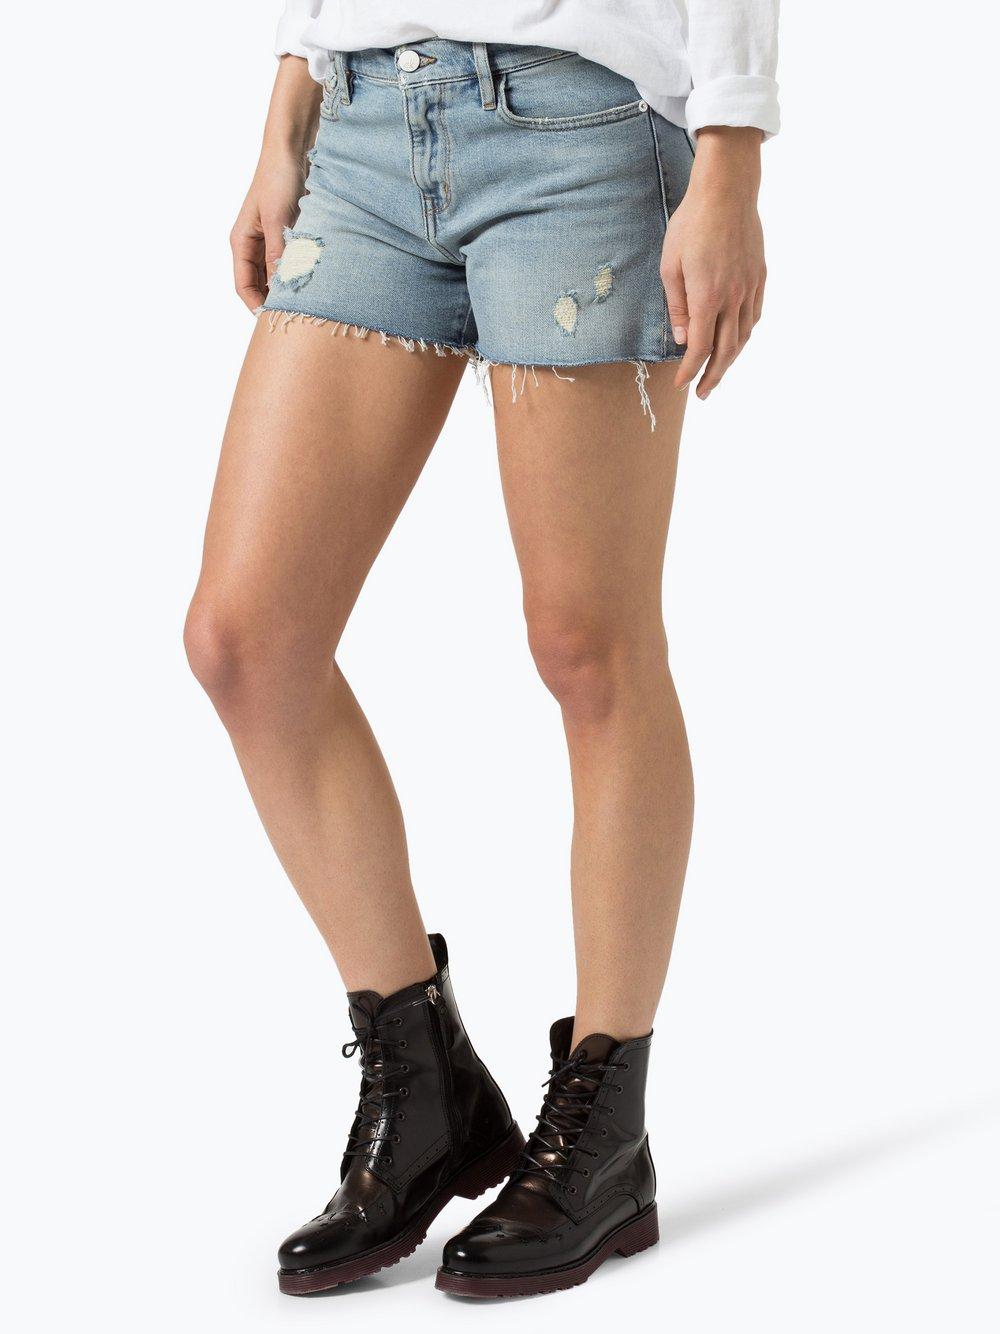 df33f7357158 Calvin Klein Jeans Damskie krótkie spodenki jeansowe kup online ...